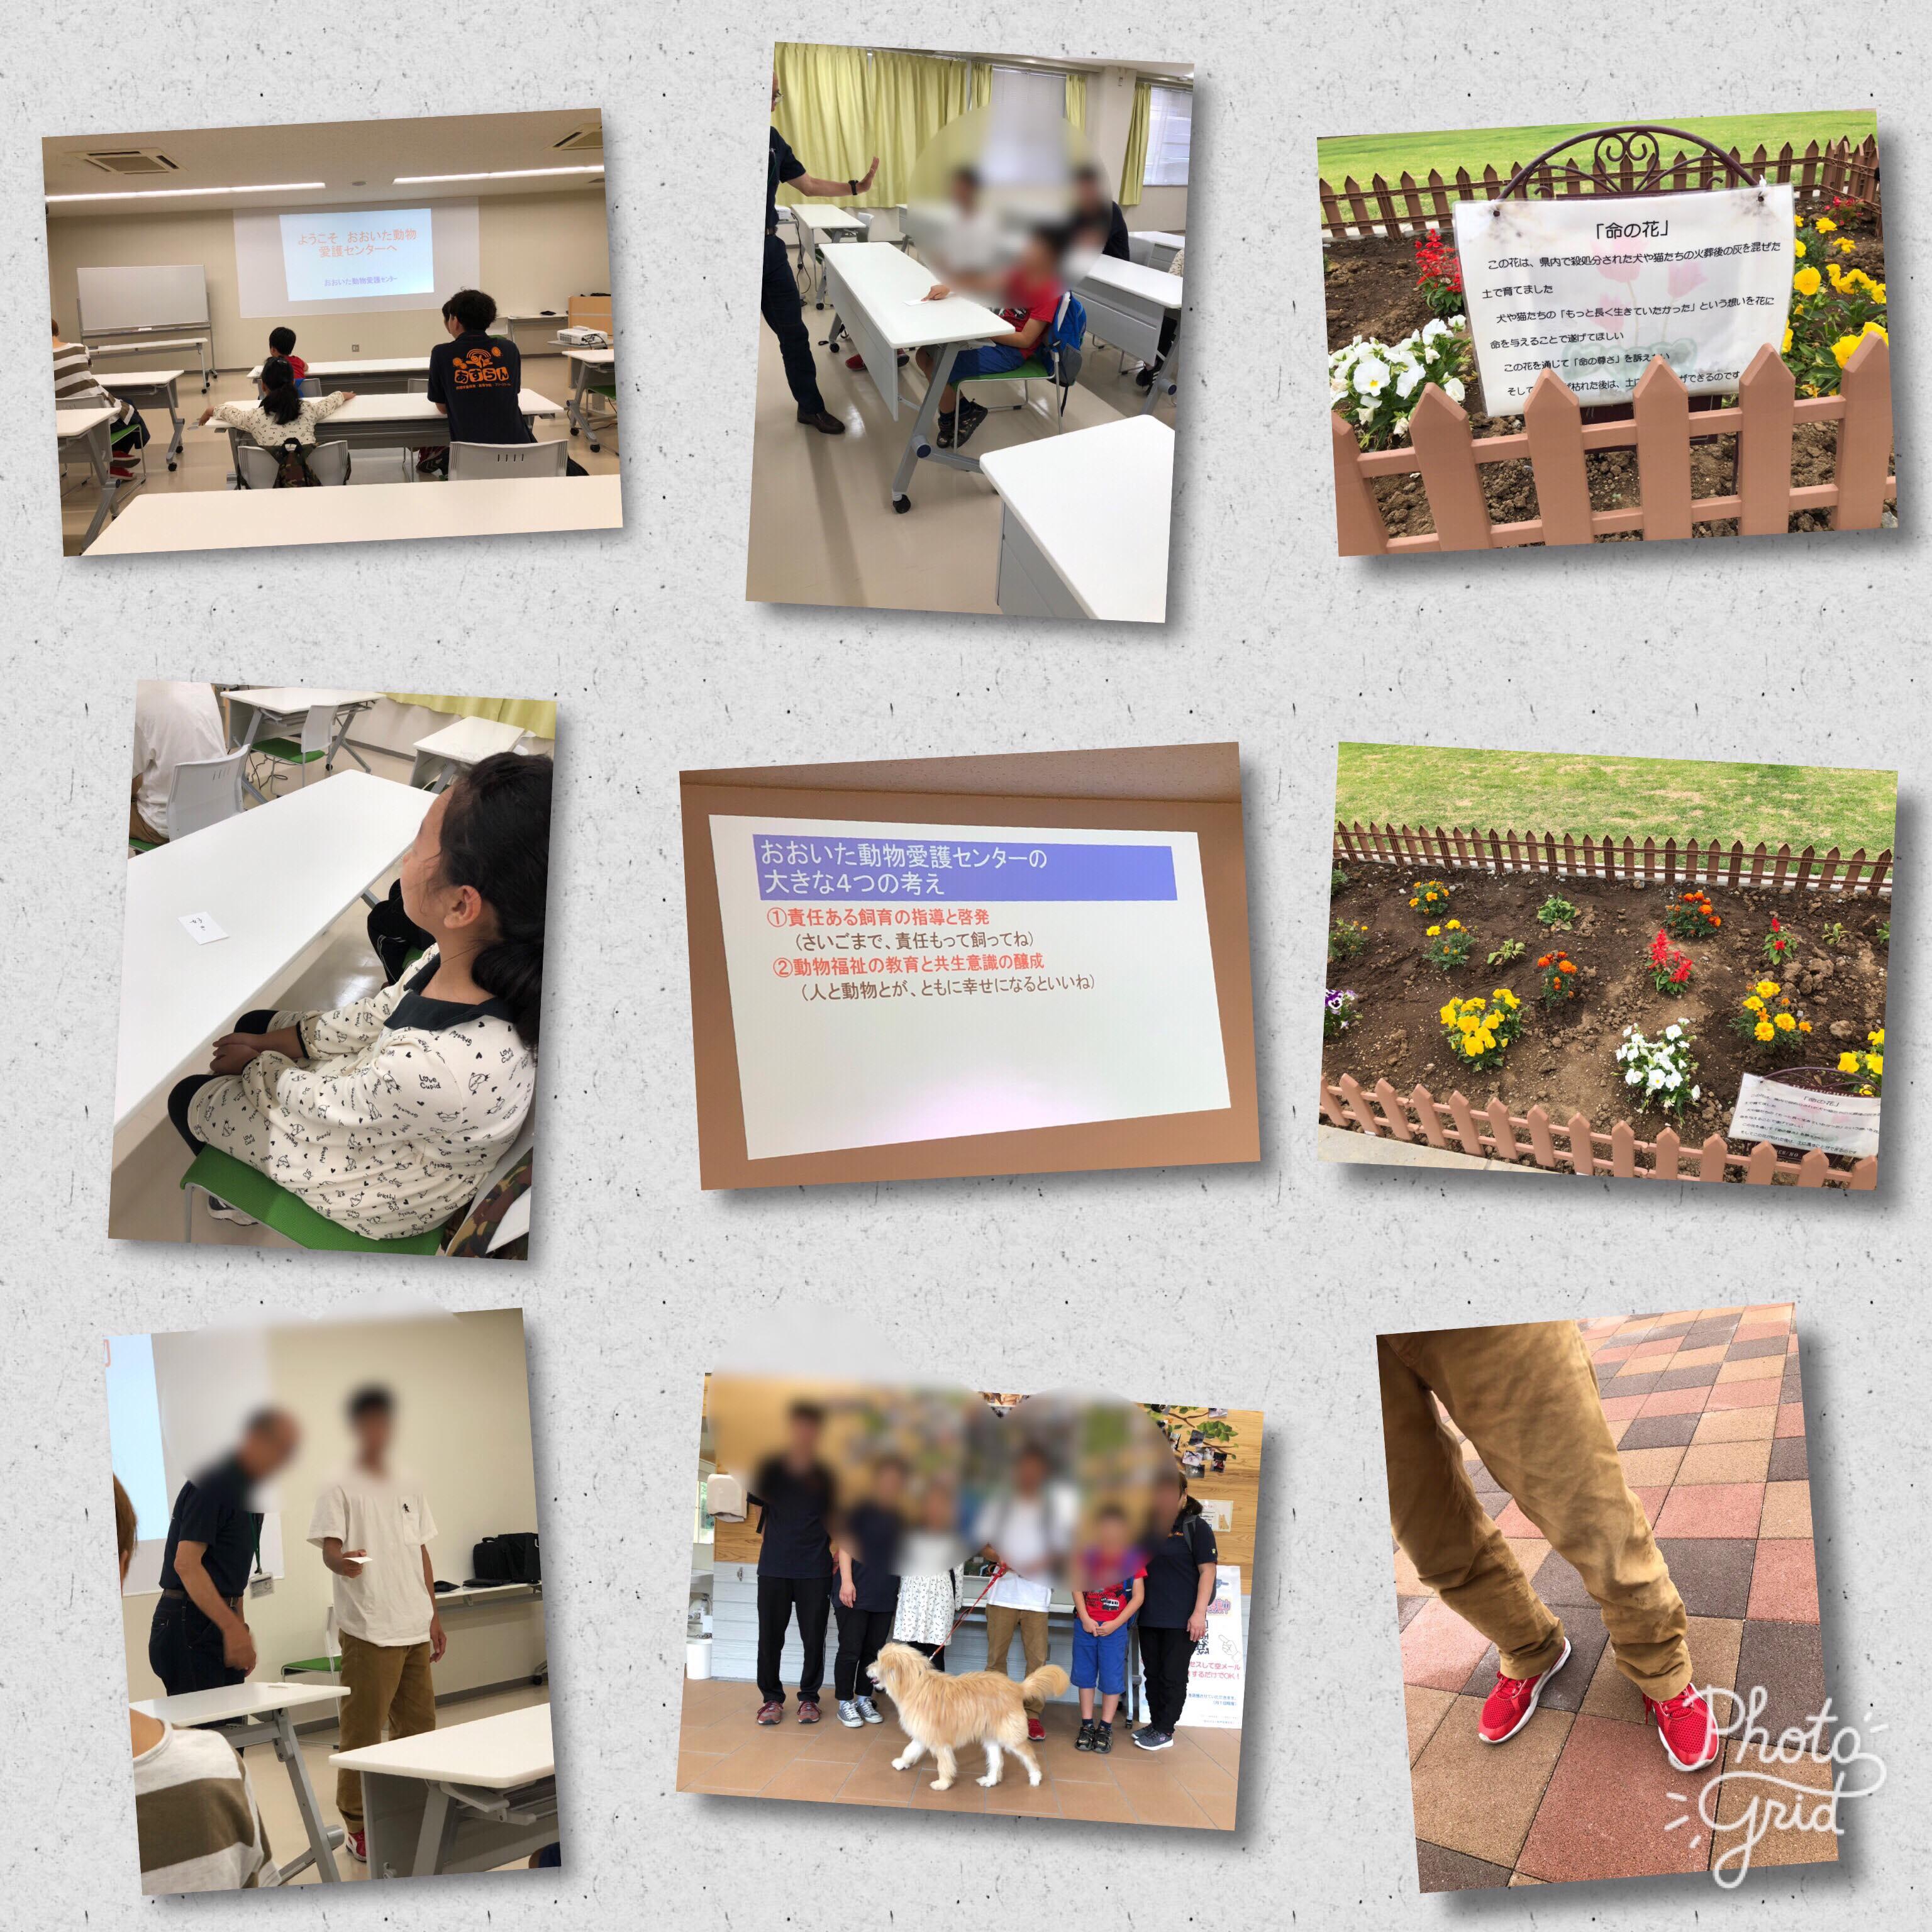 6月21日 フリースクールと高等学院 動物愛護センター